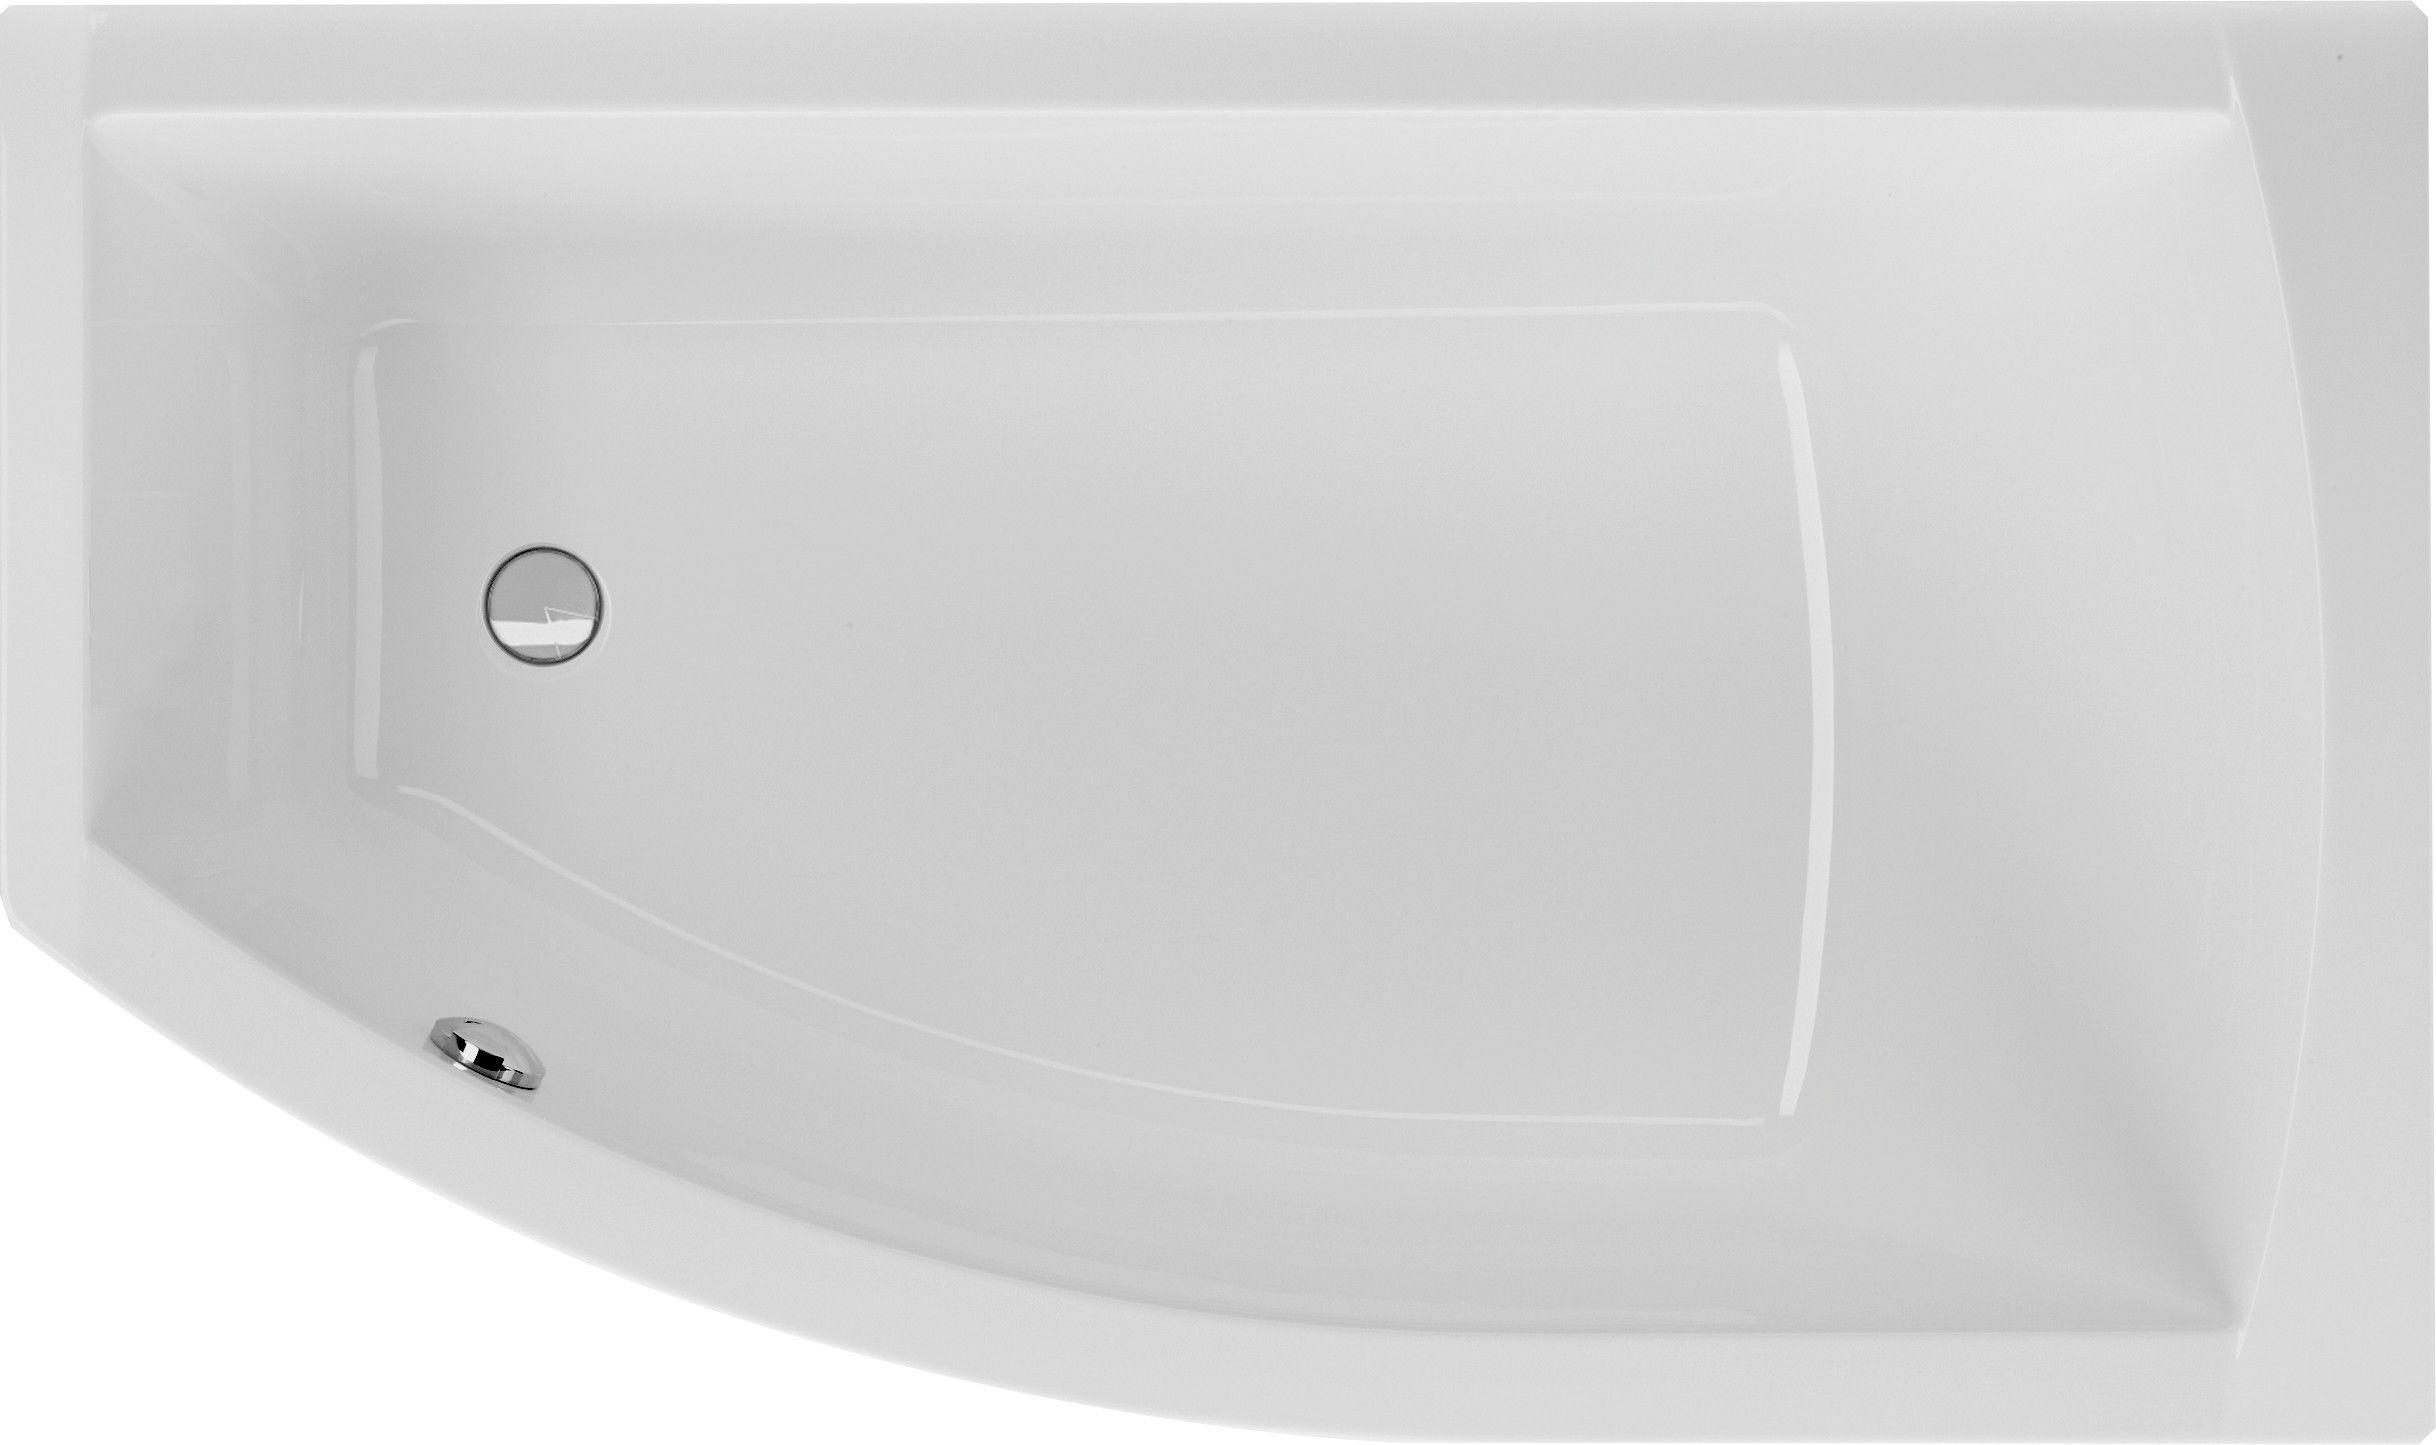 badewanne asymmetrisch 160 x 95 x 45 5 cm badewanne raumspar pinterest wanne badewanne. Black Bedroom Furniture Sets. Home Design Ideas